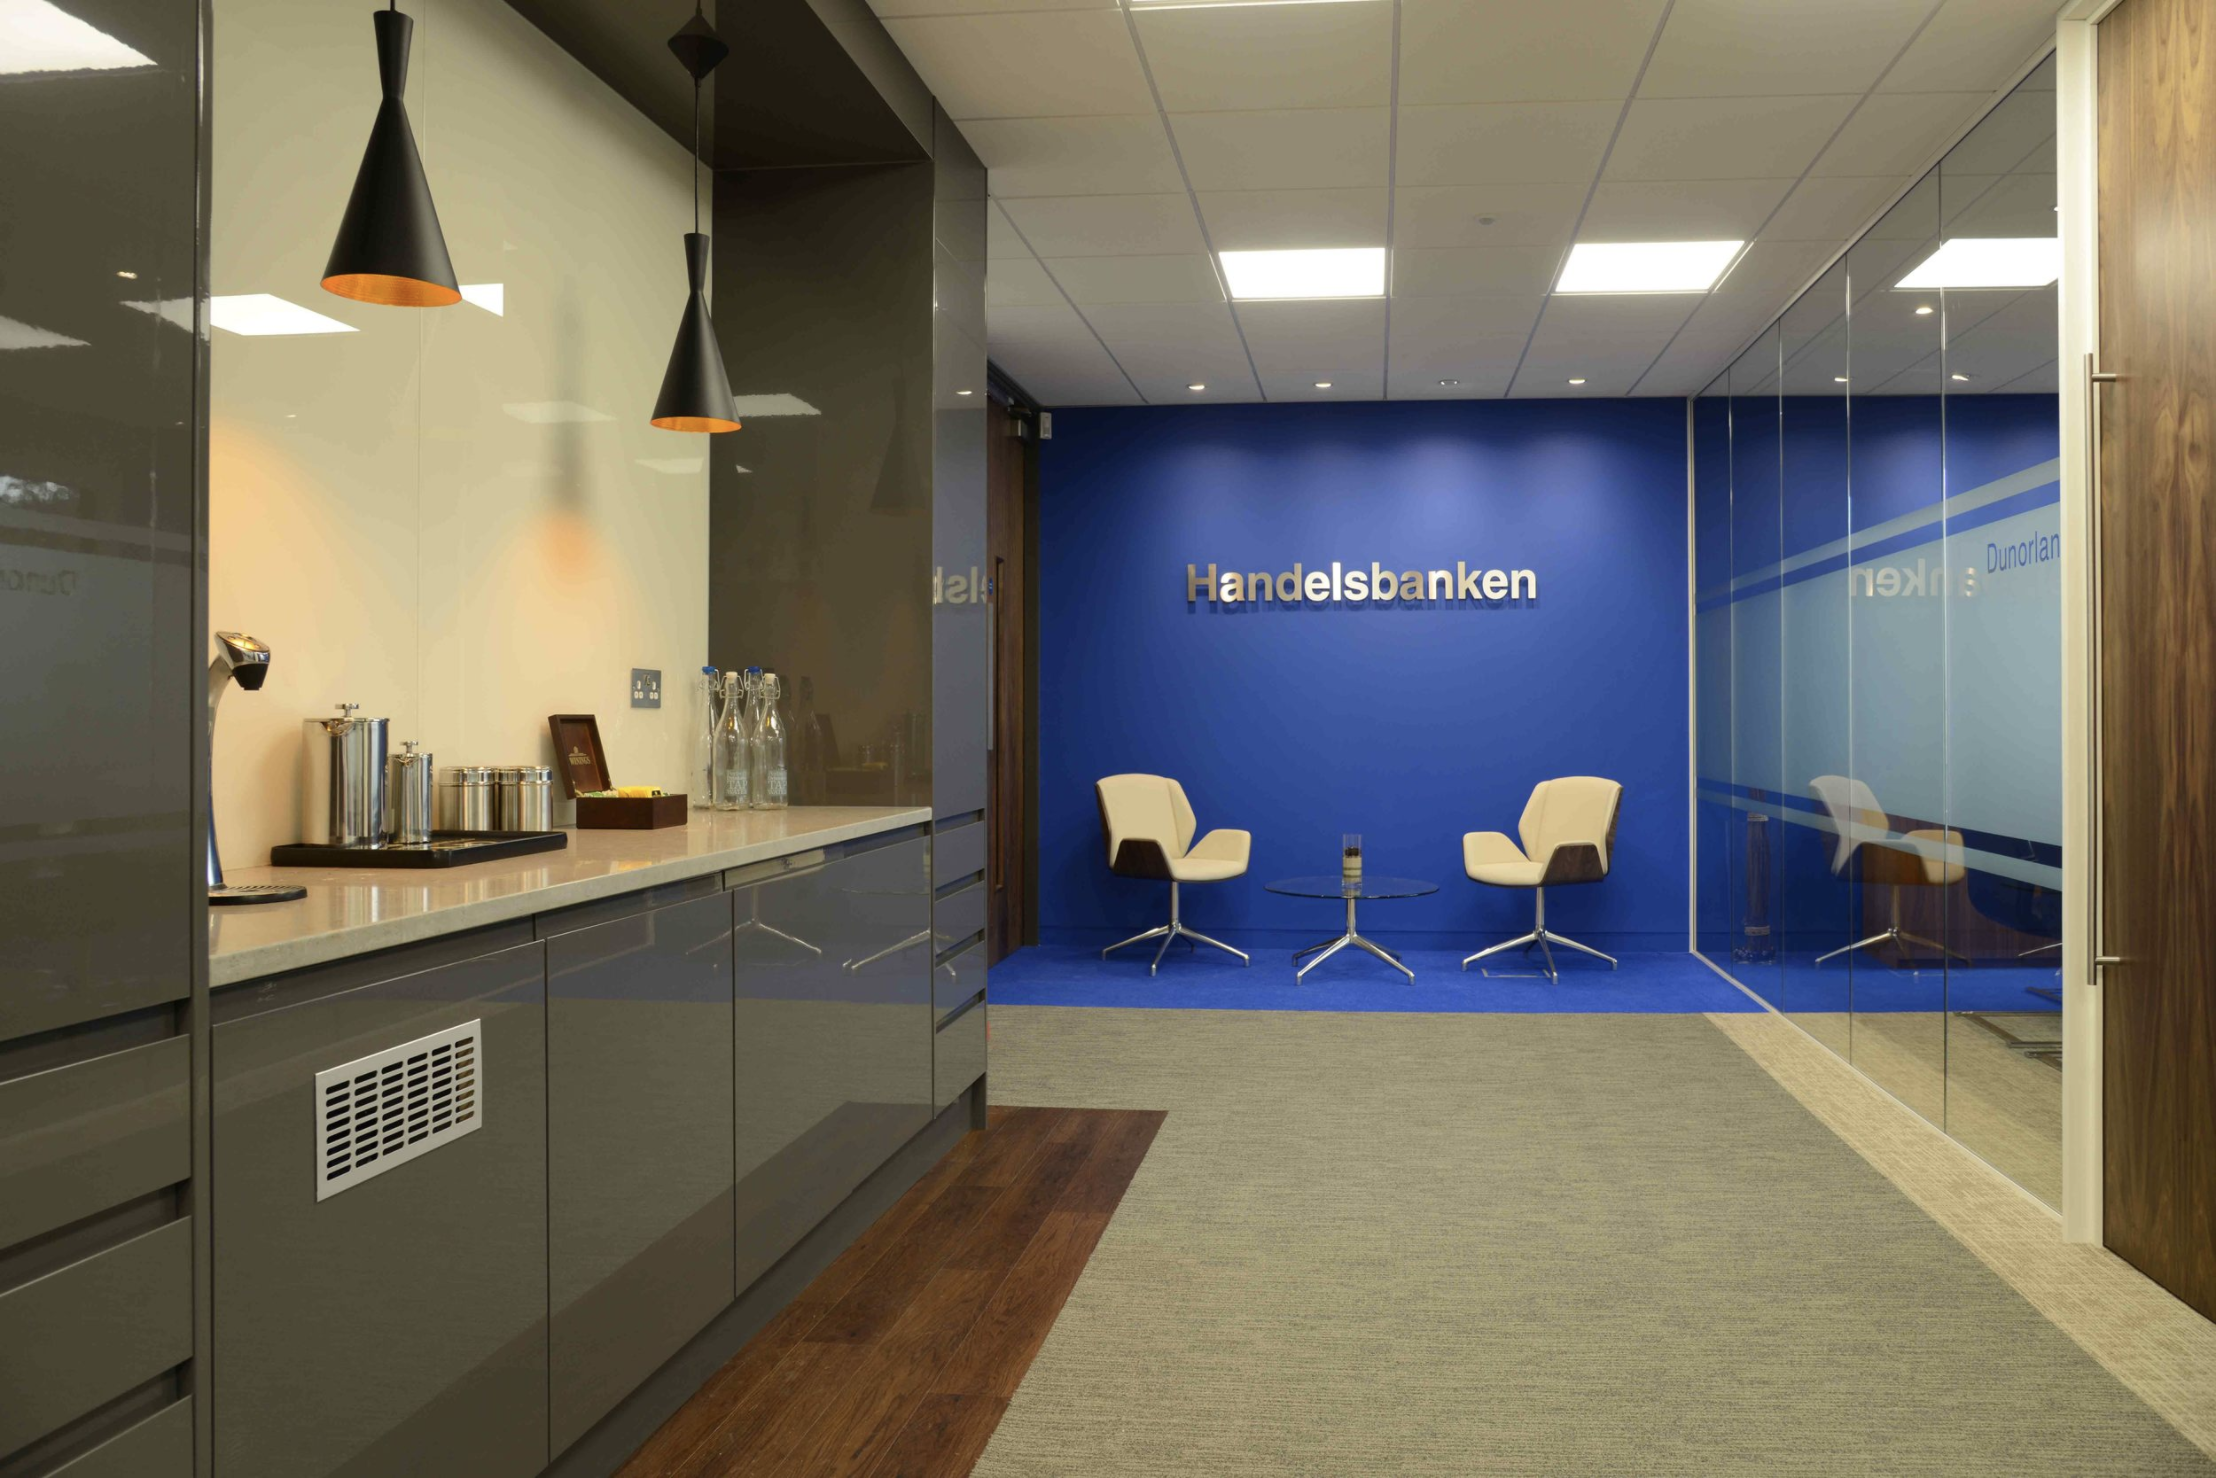 Handelsbanken 10,000 Sq ft – 17 Weeks